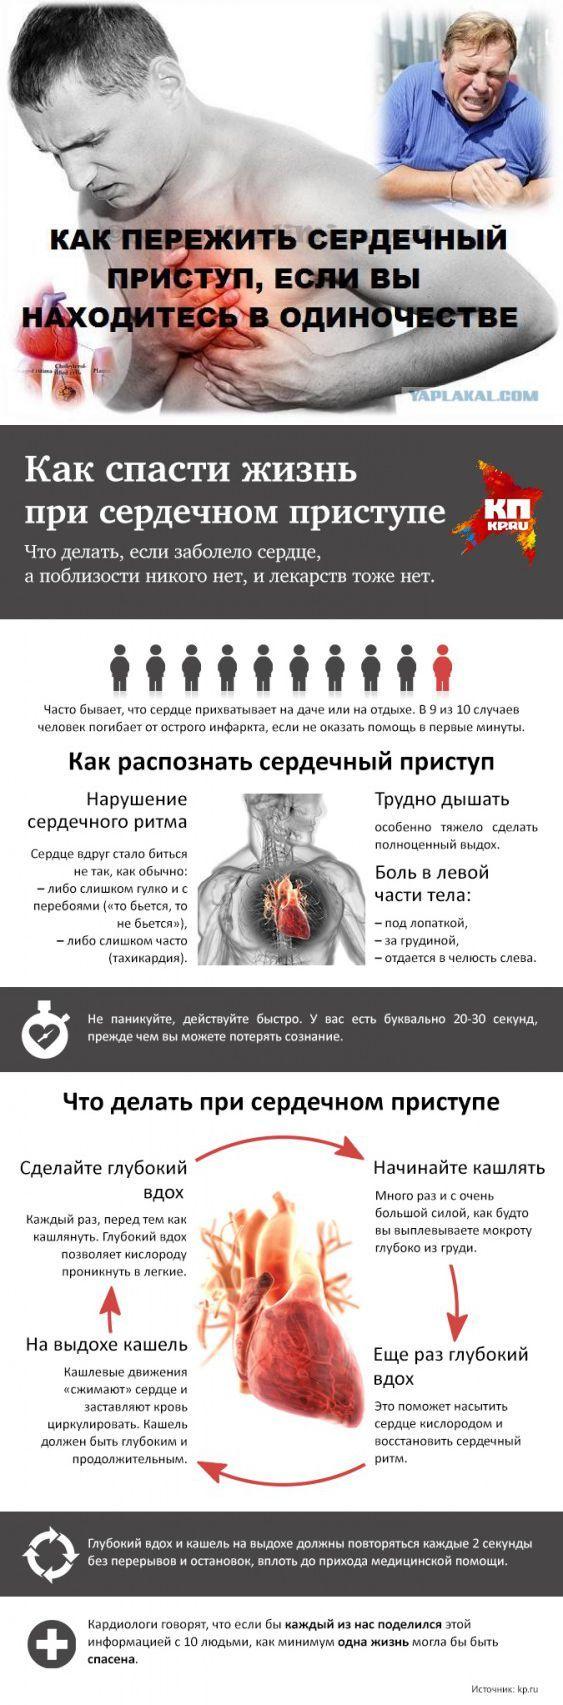 Три правила, как спасти жизнь при сердечном приступе без лекарств